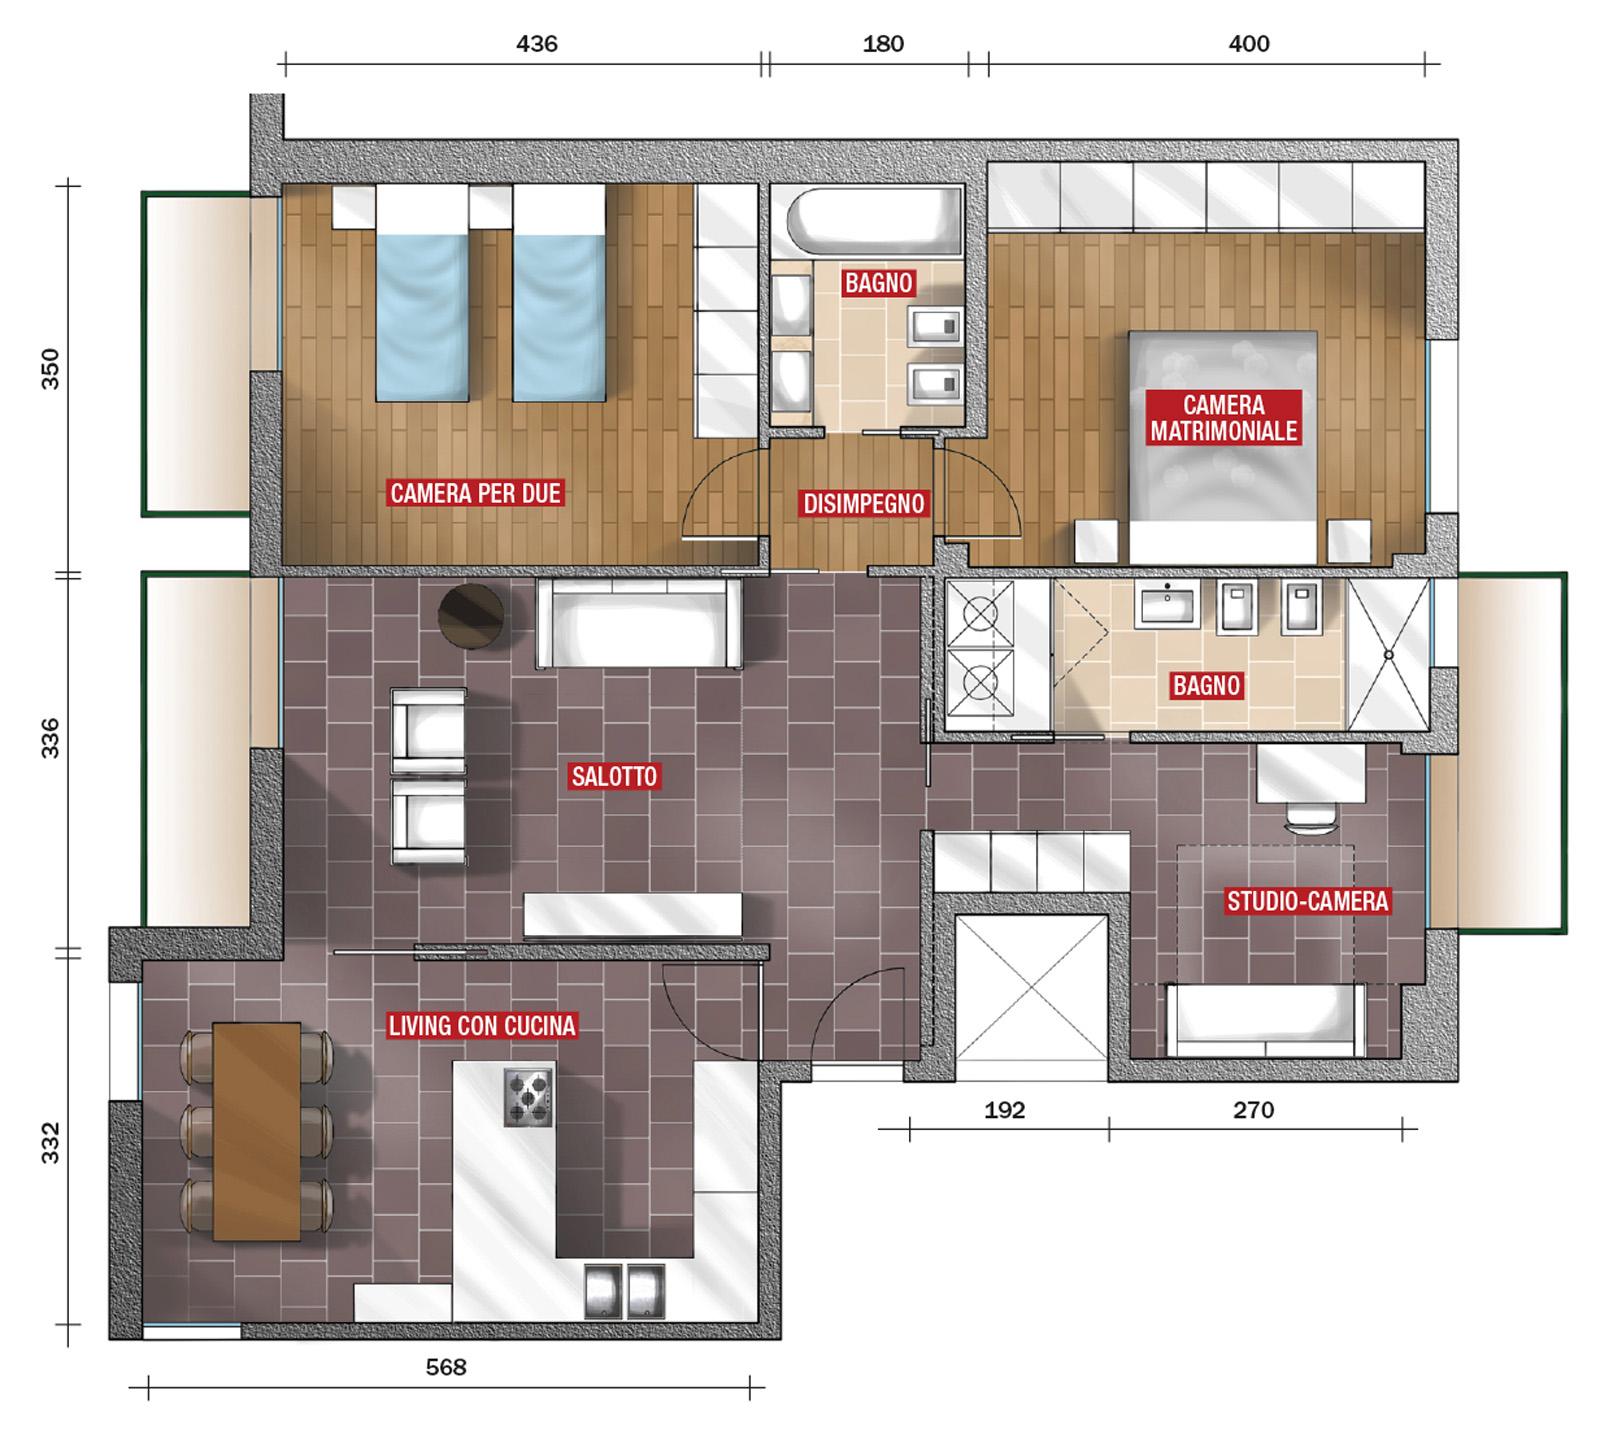 Affitto amministrazioni immobiliari e condominiali vivian for 2 metri quadrati di garage